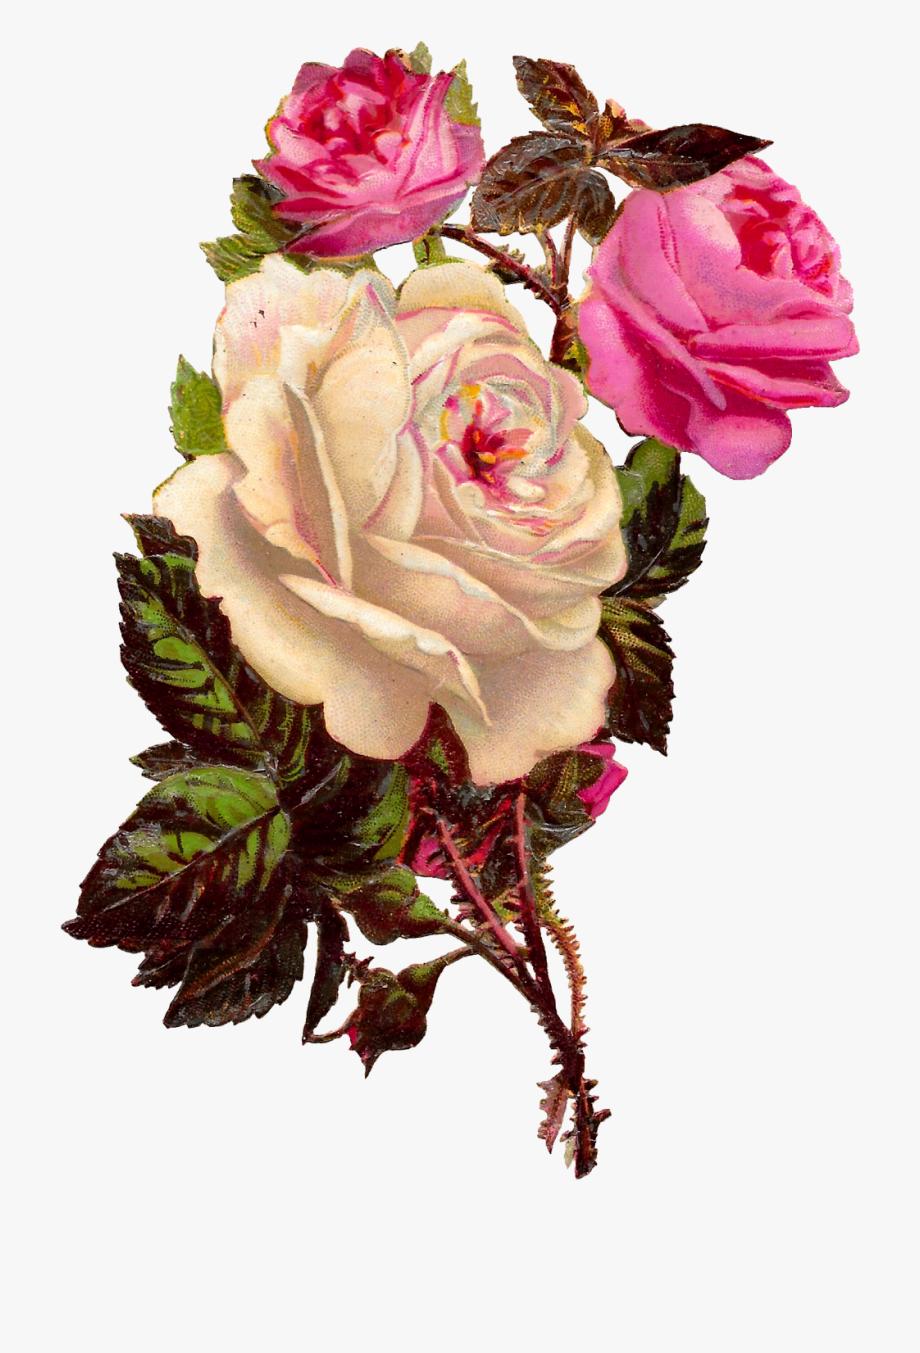 Rose Flower Botanical Art Clipart Shabby Chic Image.